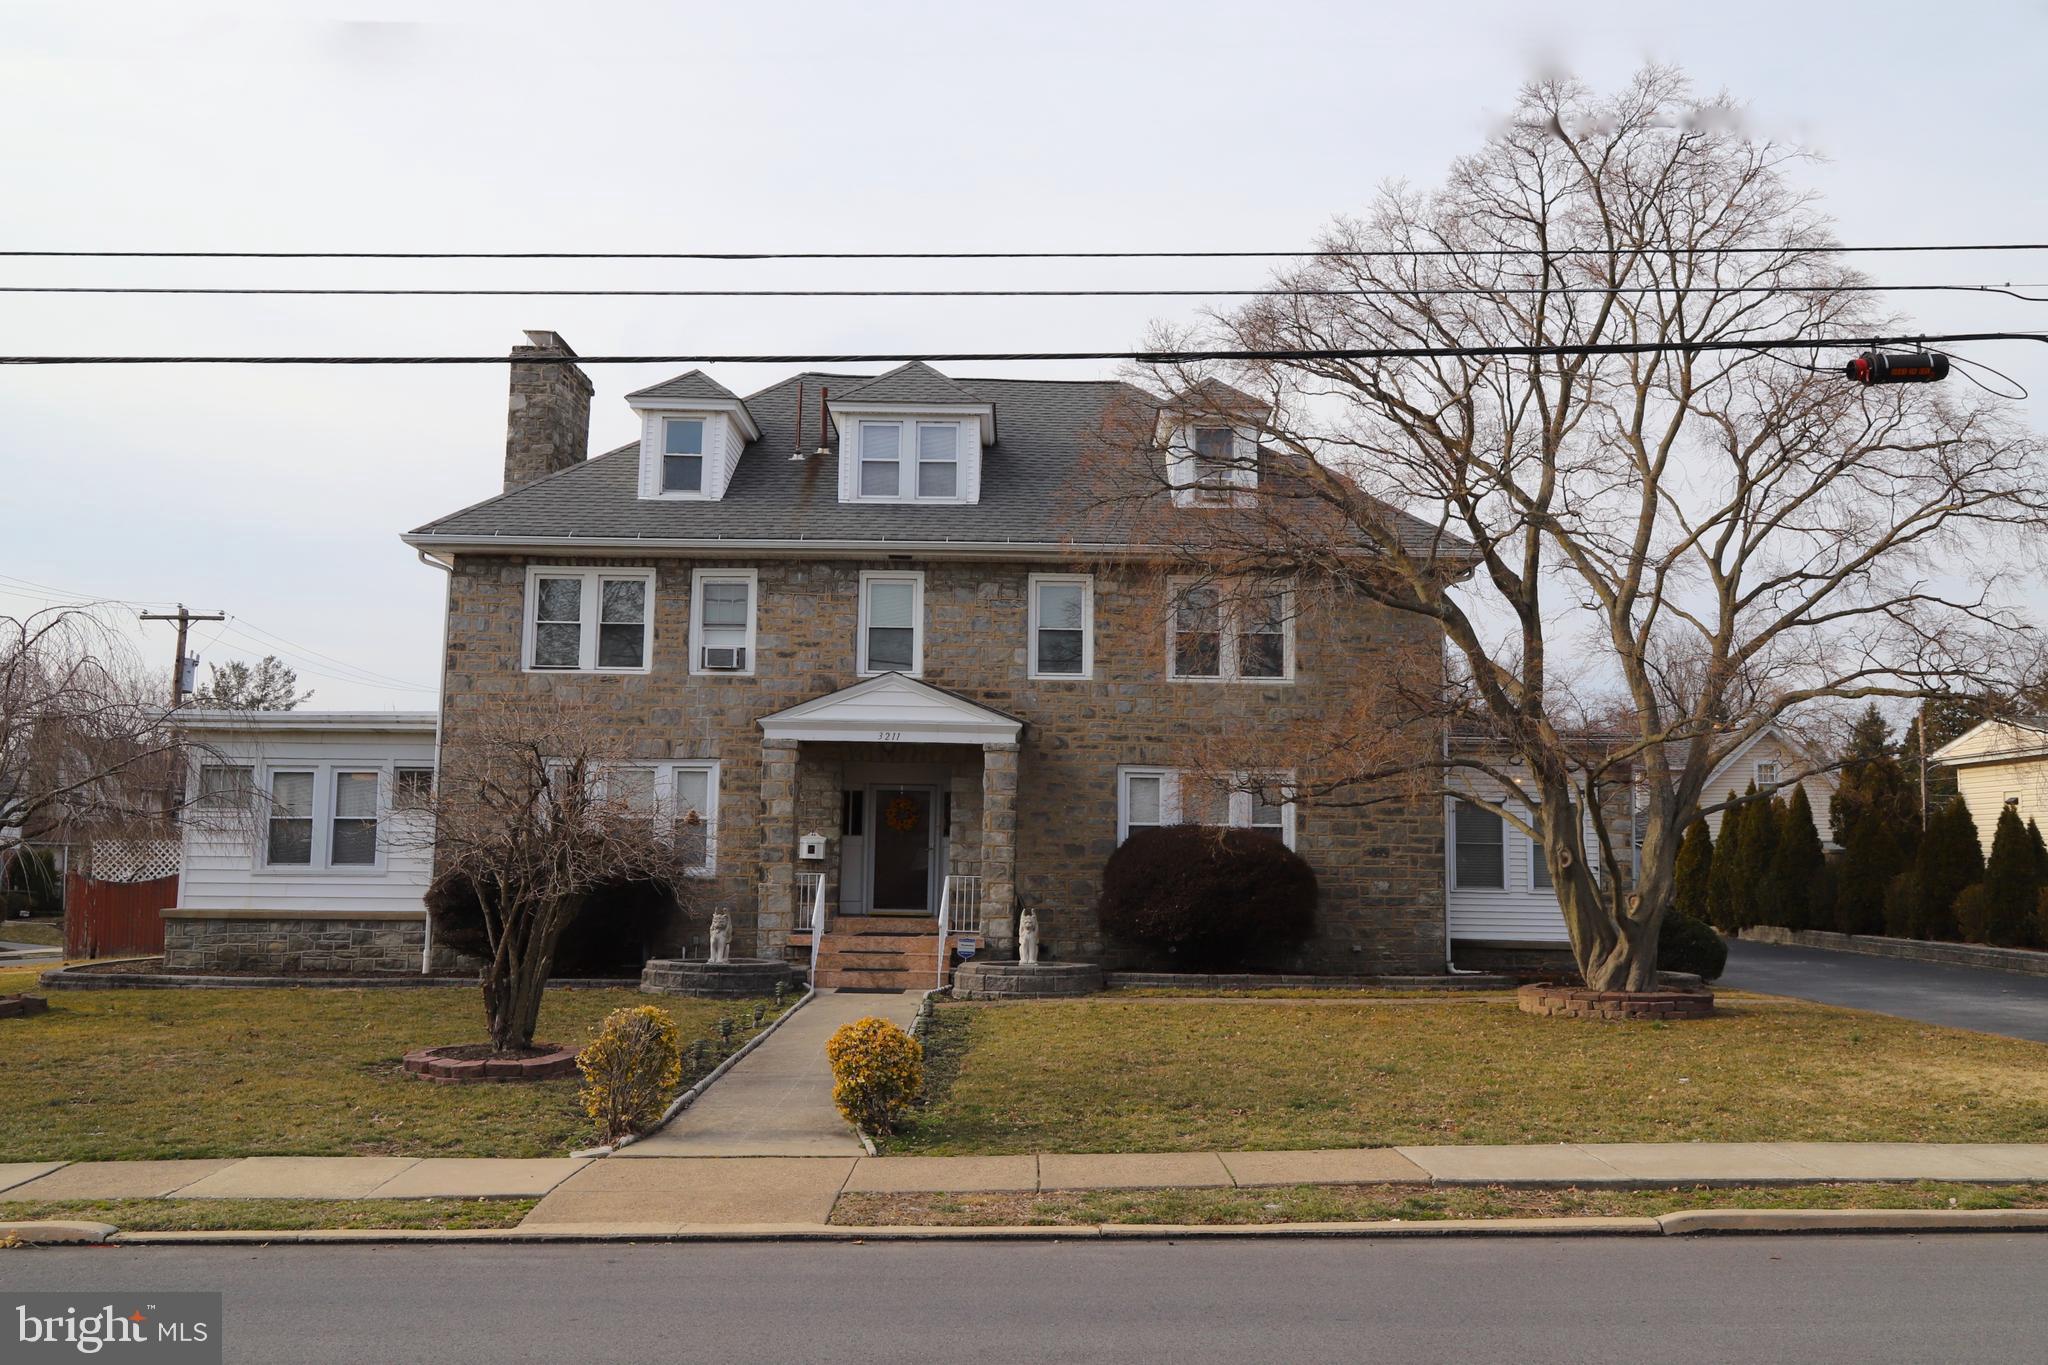 3211 SCHOOL LANE, DREXEL HILL, PA 19026